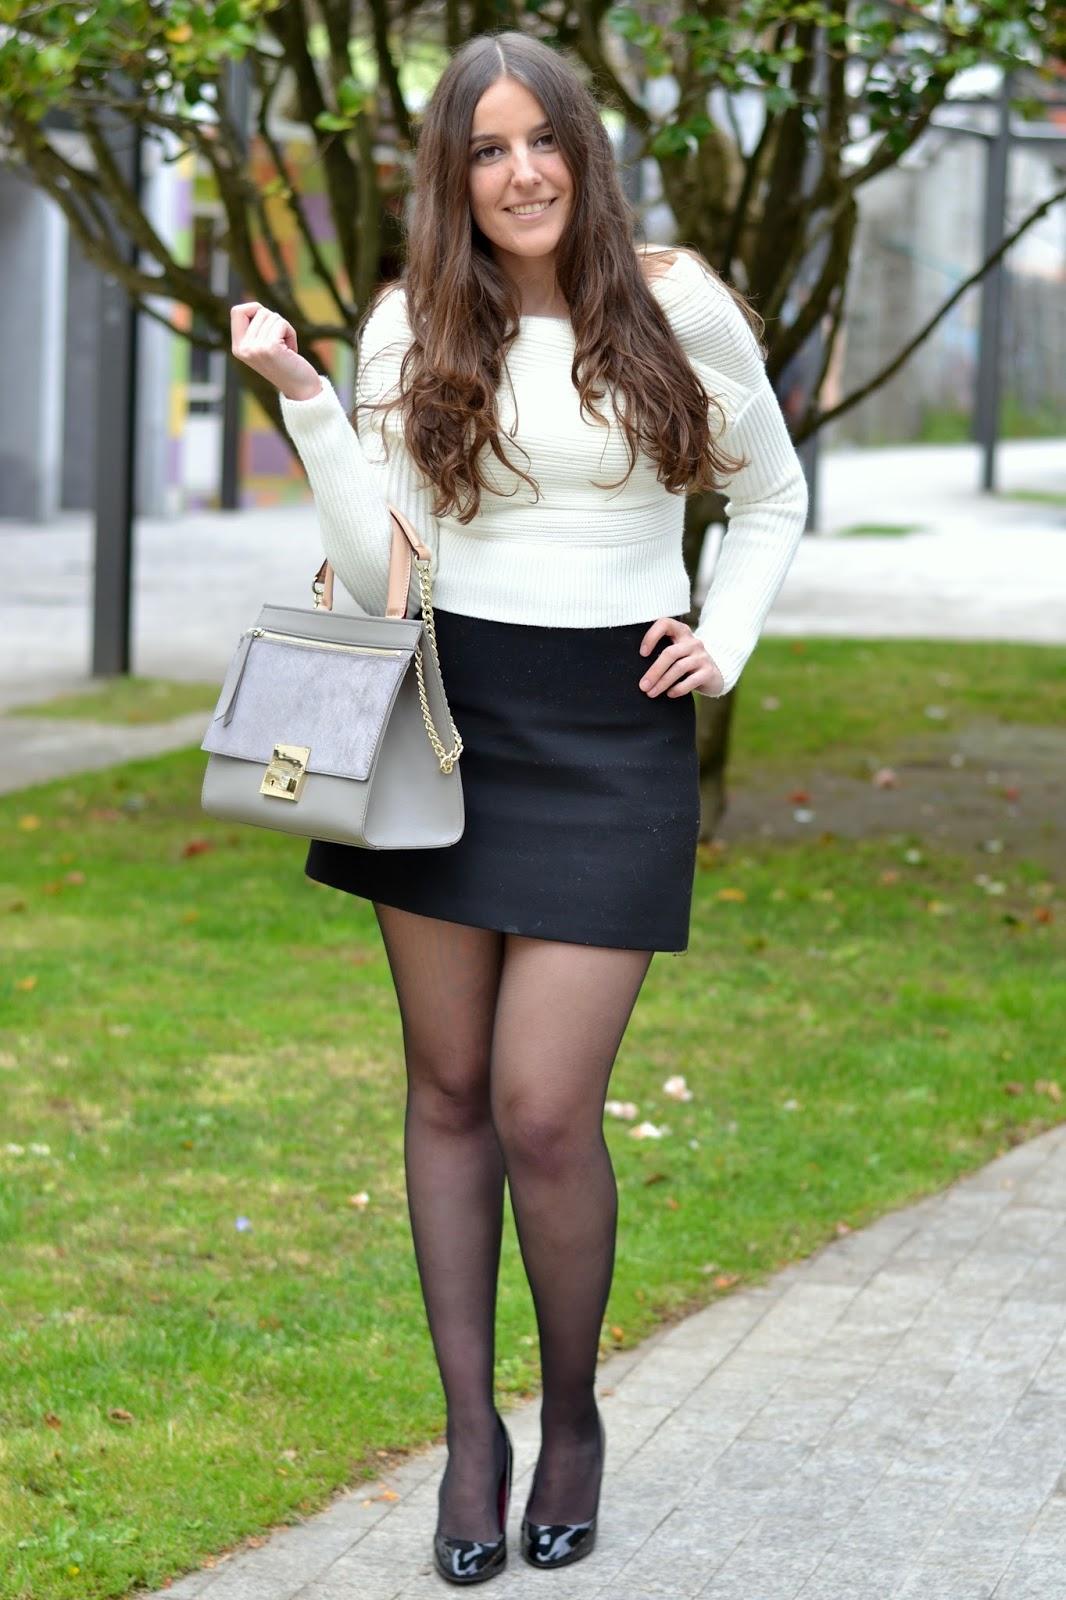 white sheinside sweater, zara black skirt, grey bag purficiación garcía